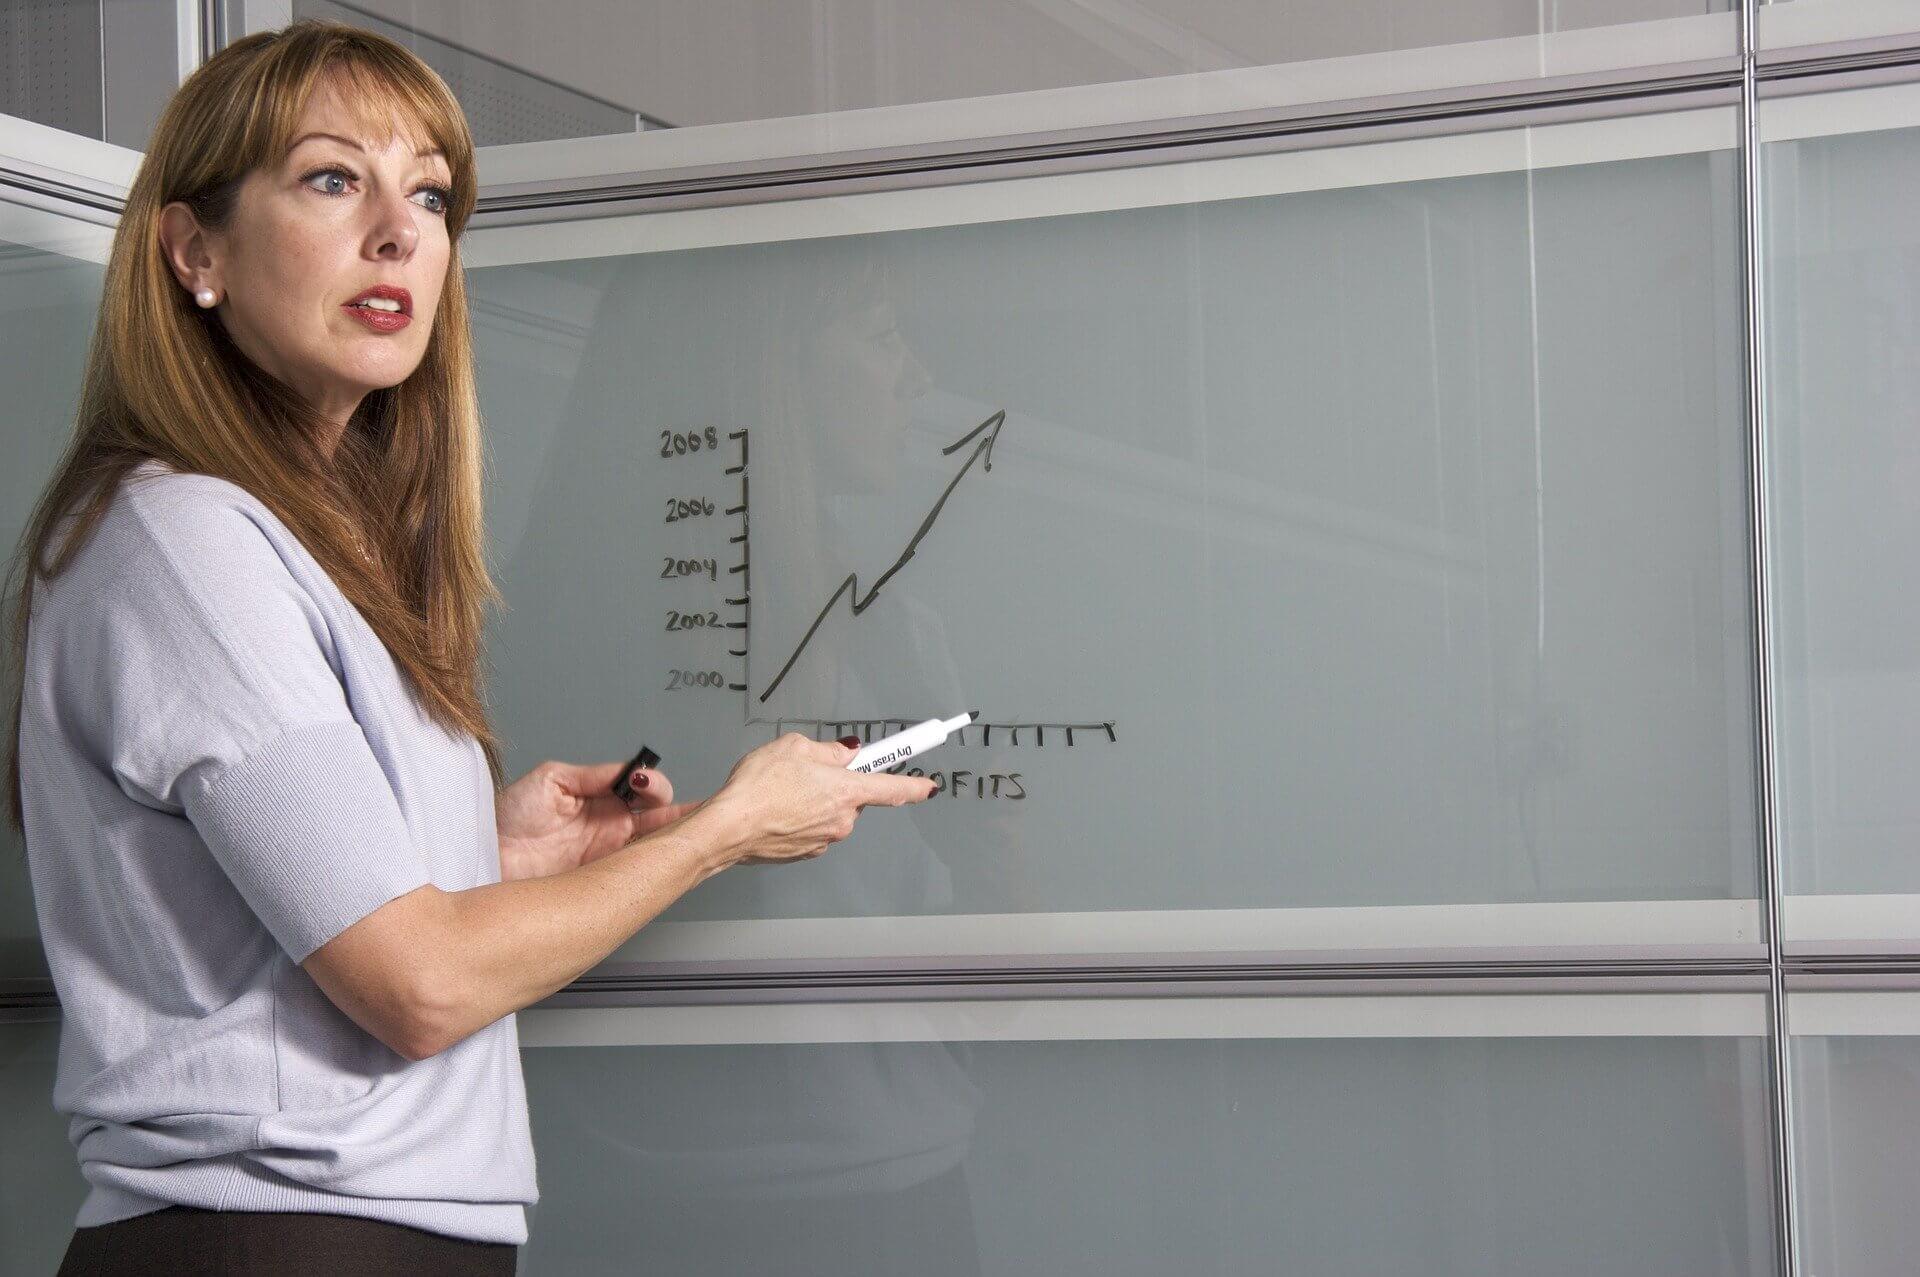 quais são as regras para professores se aposentarem pelo sistema de pontos?